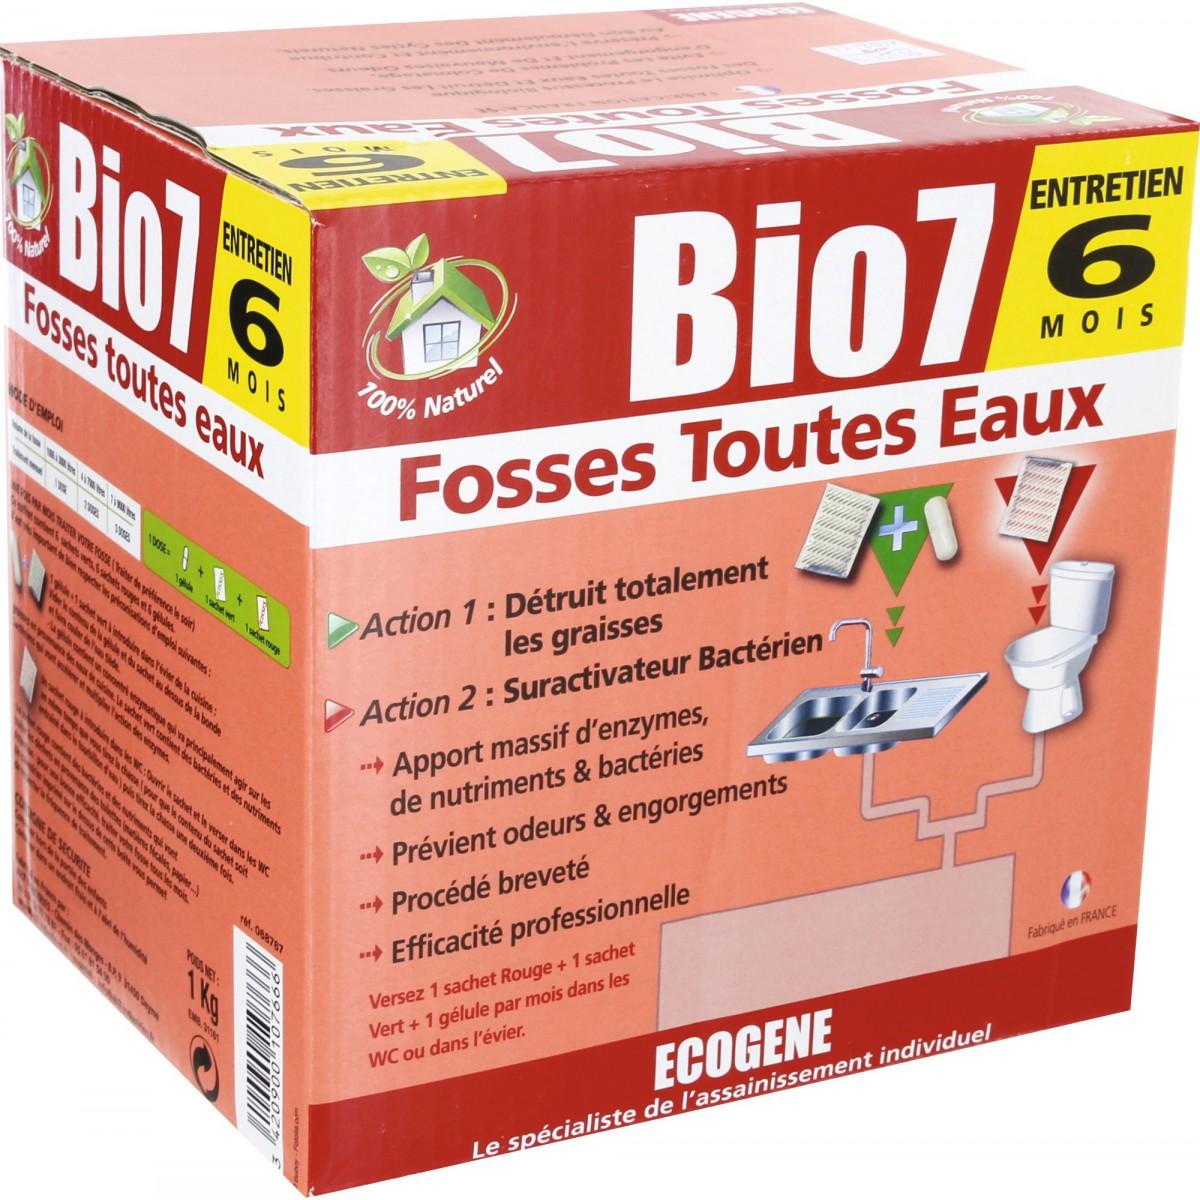 Bio 7 fosses toutes eaux Ecogène - 6 doses